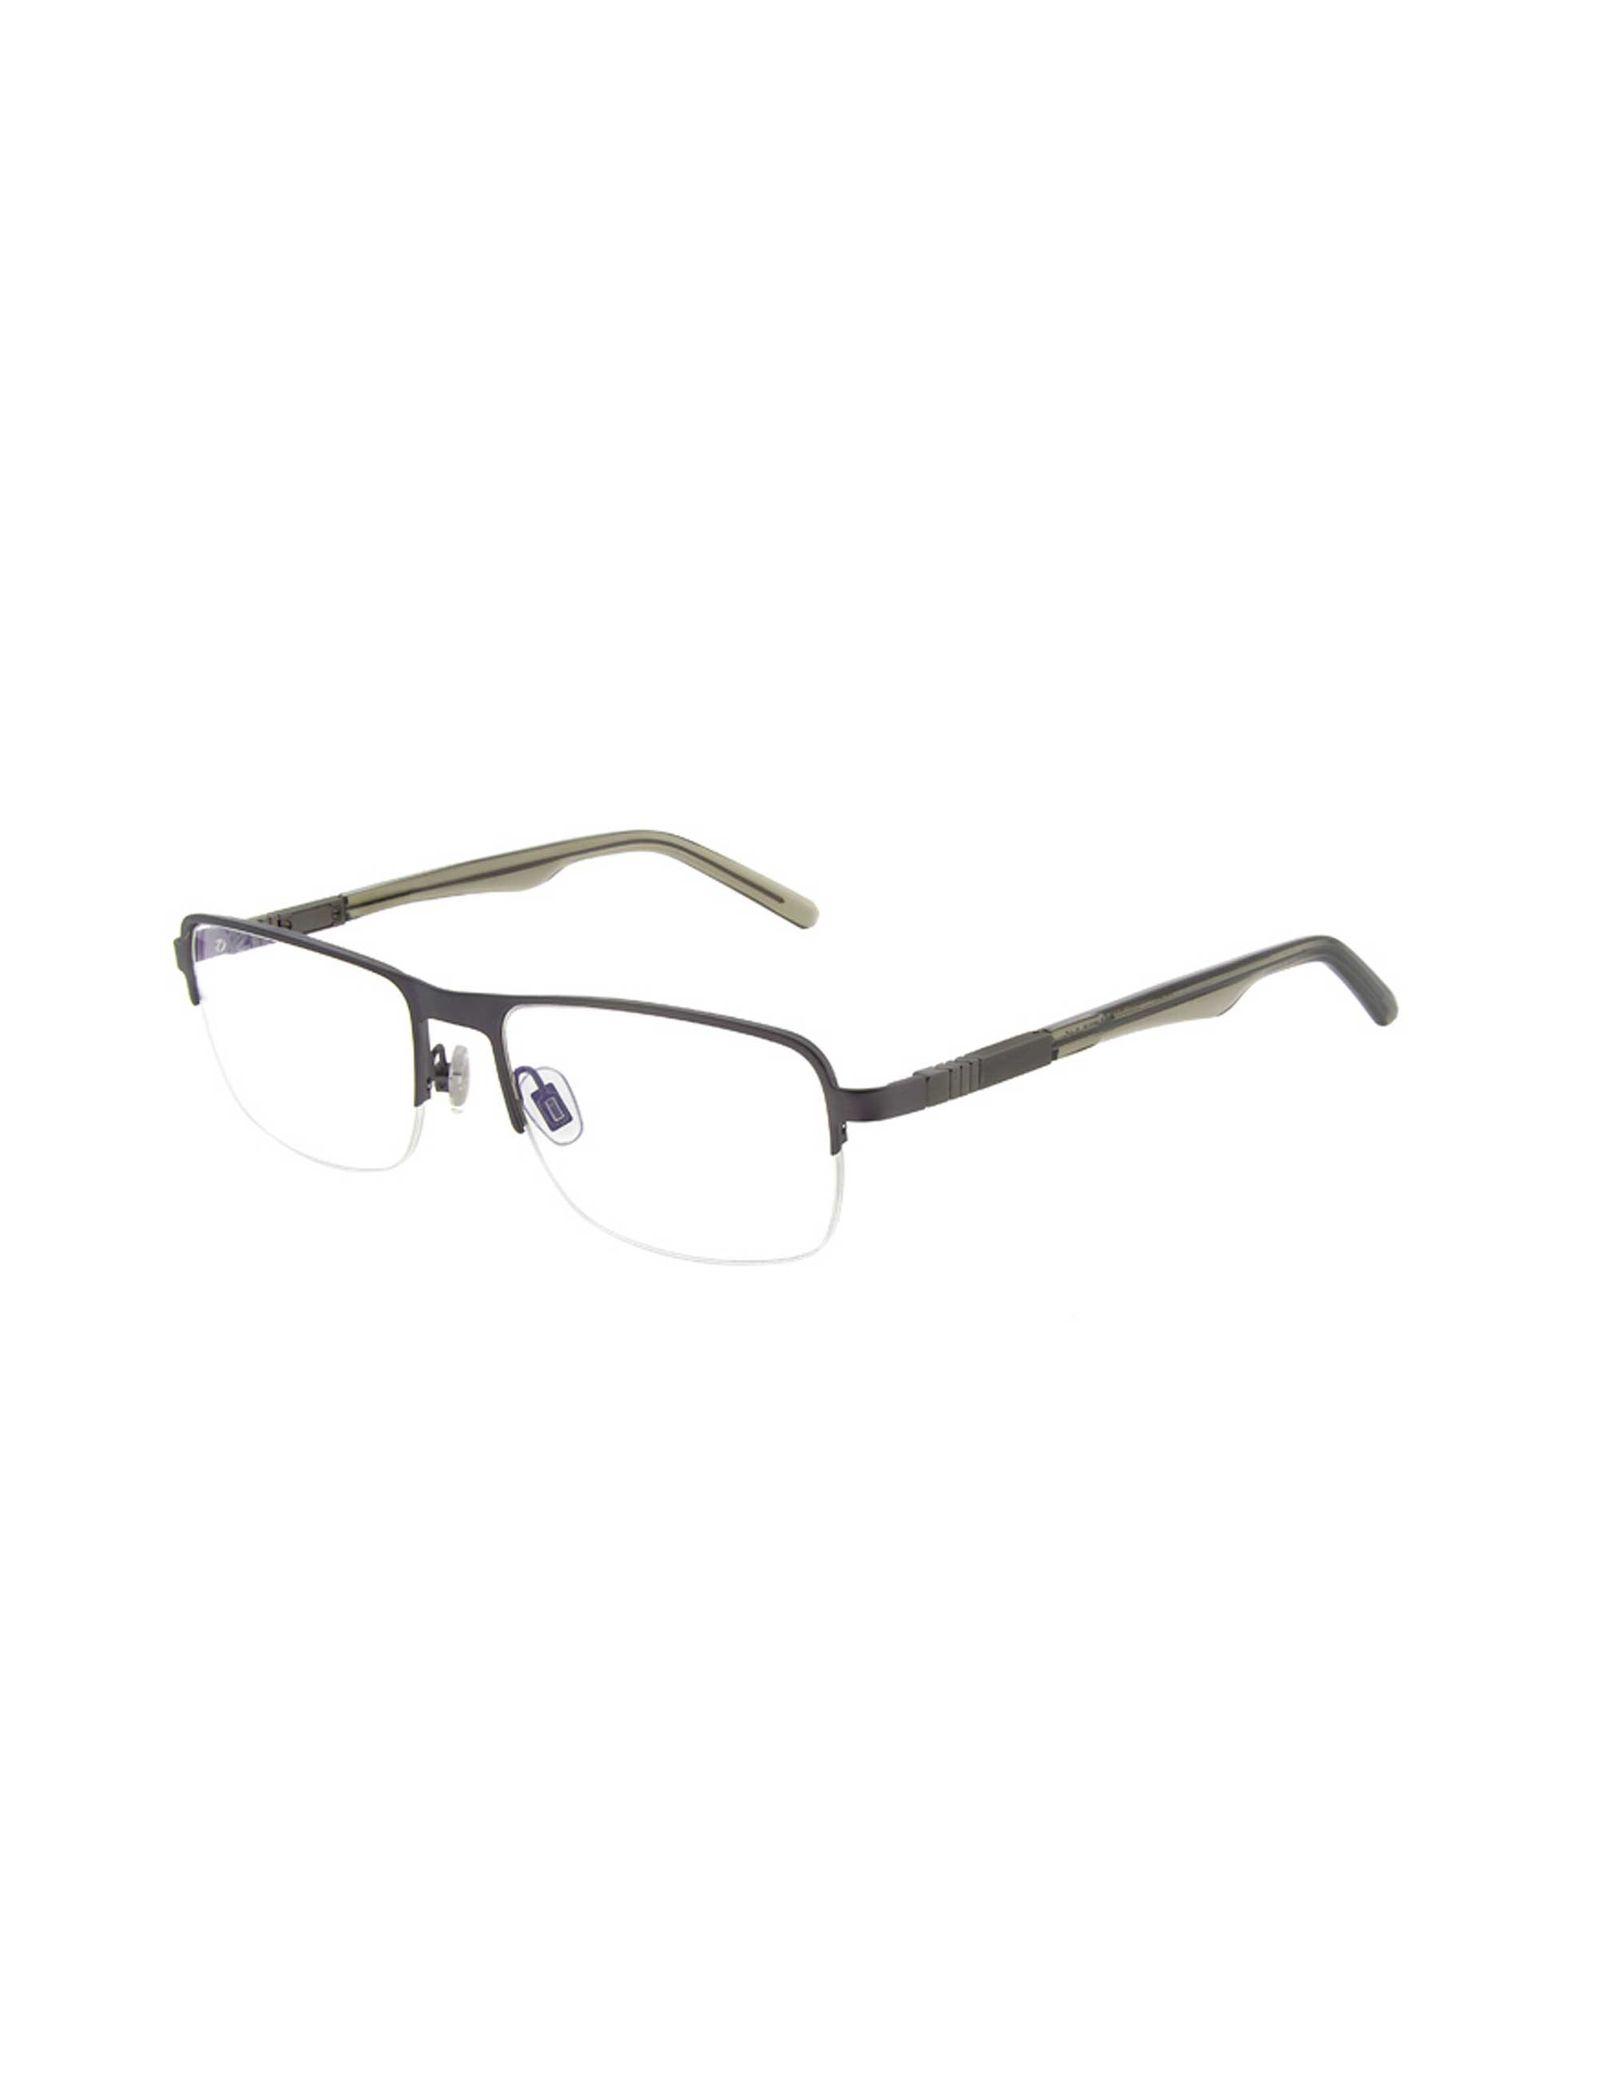 عینک طبی مستطیلی مردانه - اسپاین - زيتوني - 1